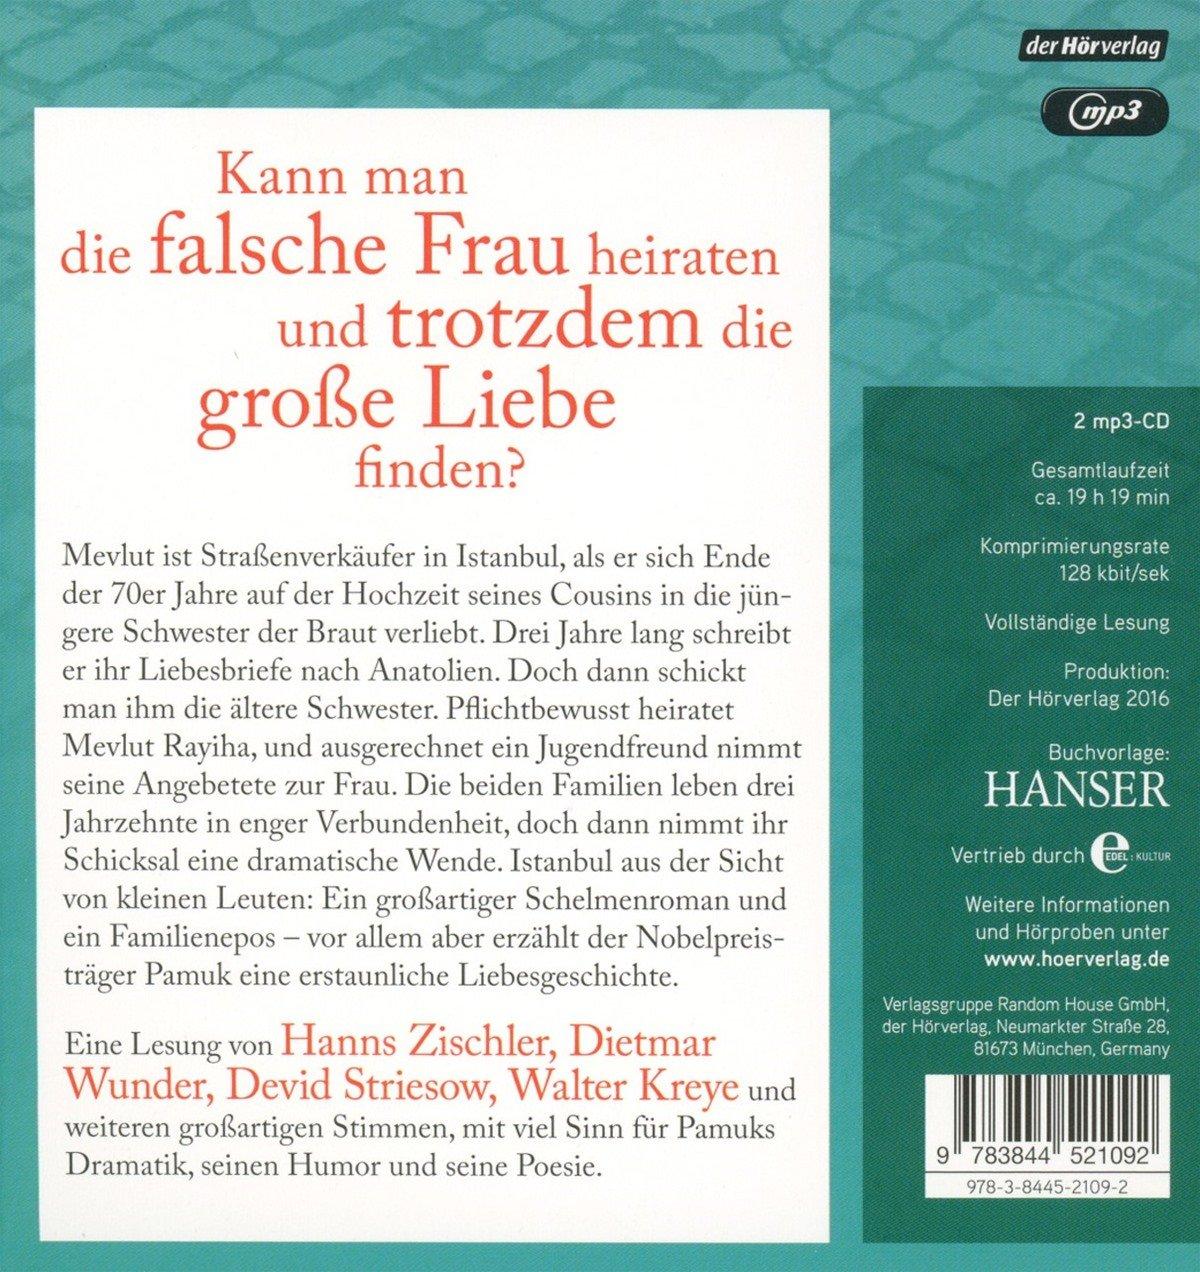 Wunderbar Poesie Buch Vorlage Galerie - Beispielzusammenfassung ...